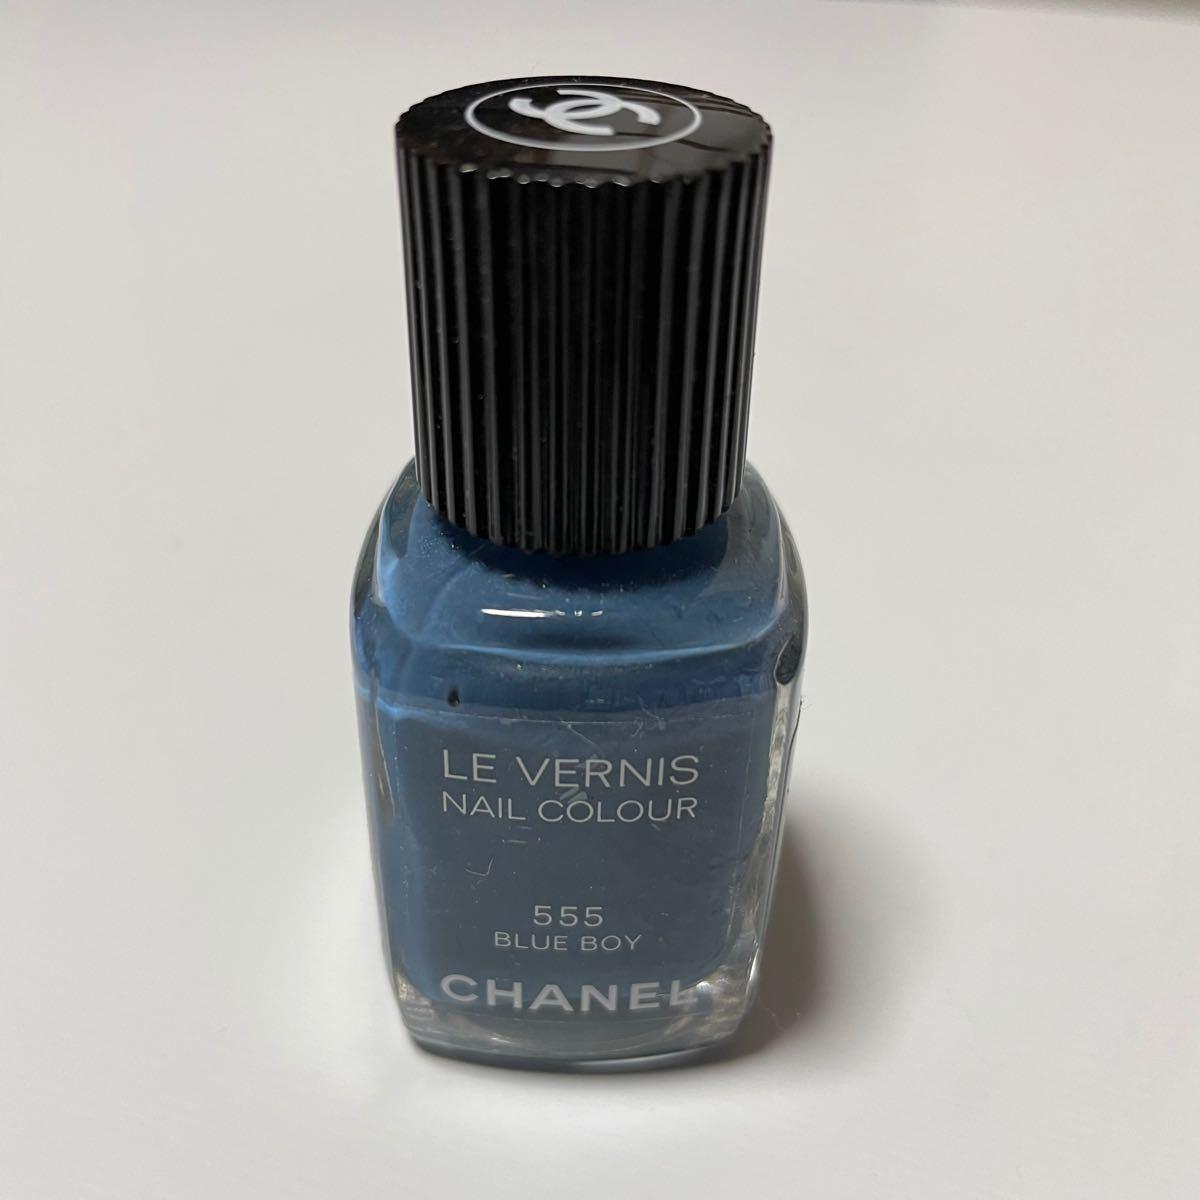 CHANEL ヴェルニ 555 ブルー ボーイ